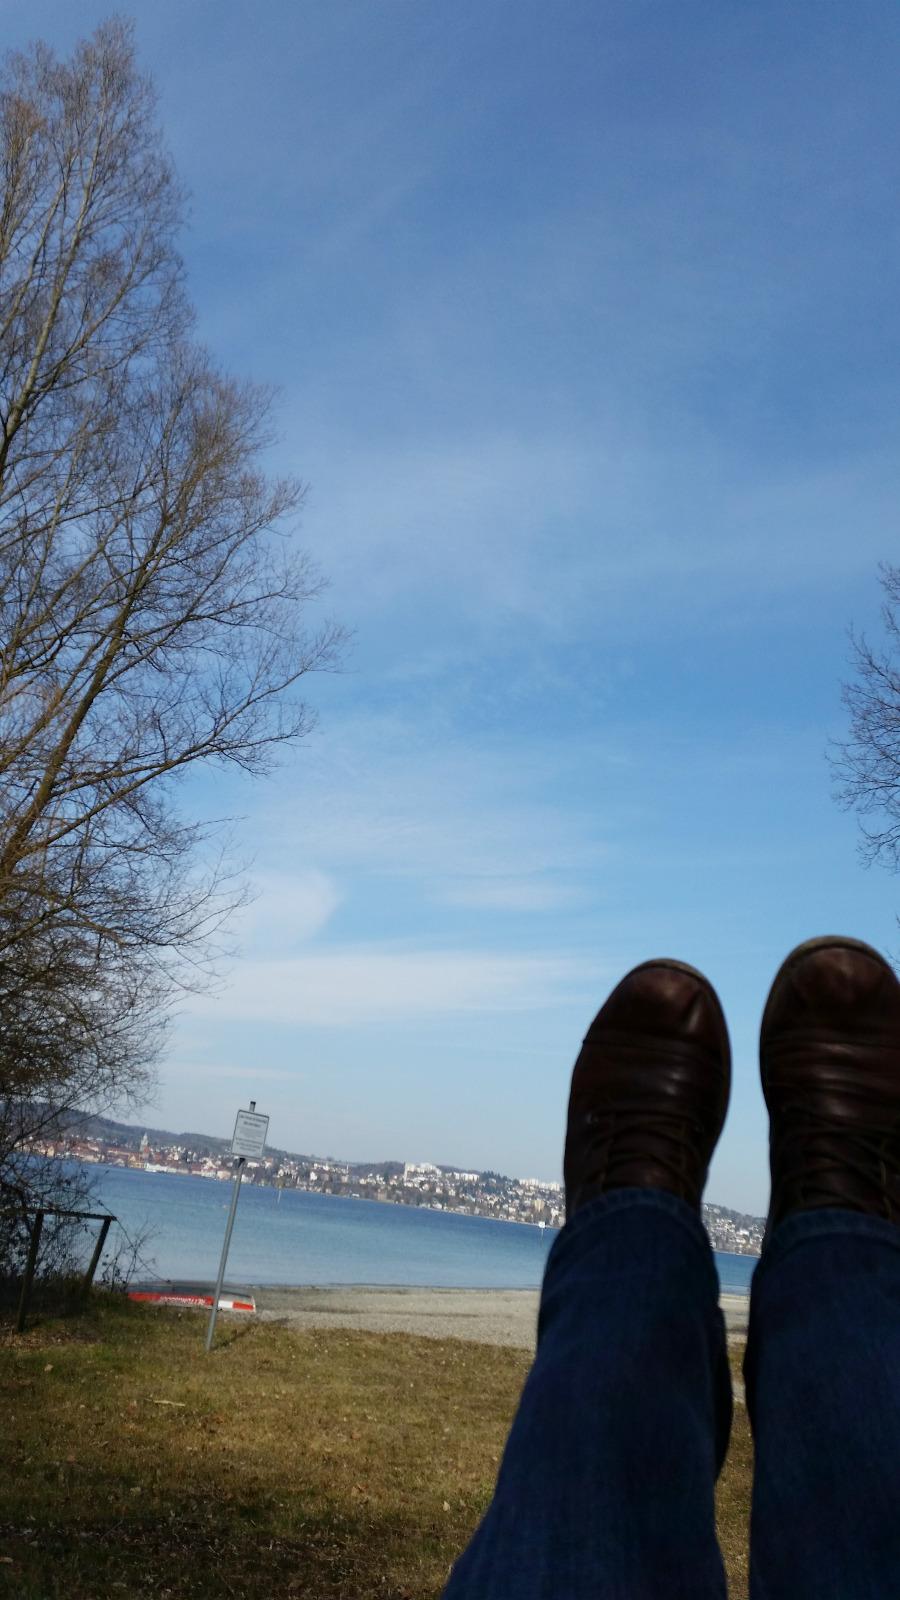 Ich geh schaukeln. Bestenfalls schaukeln mit Blick auf den See.